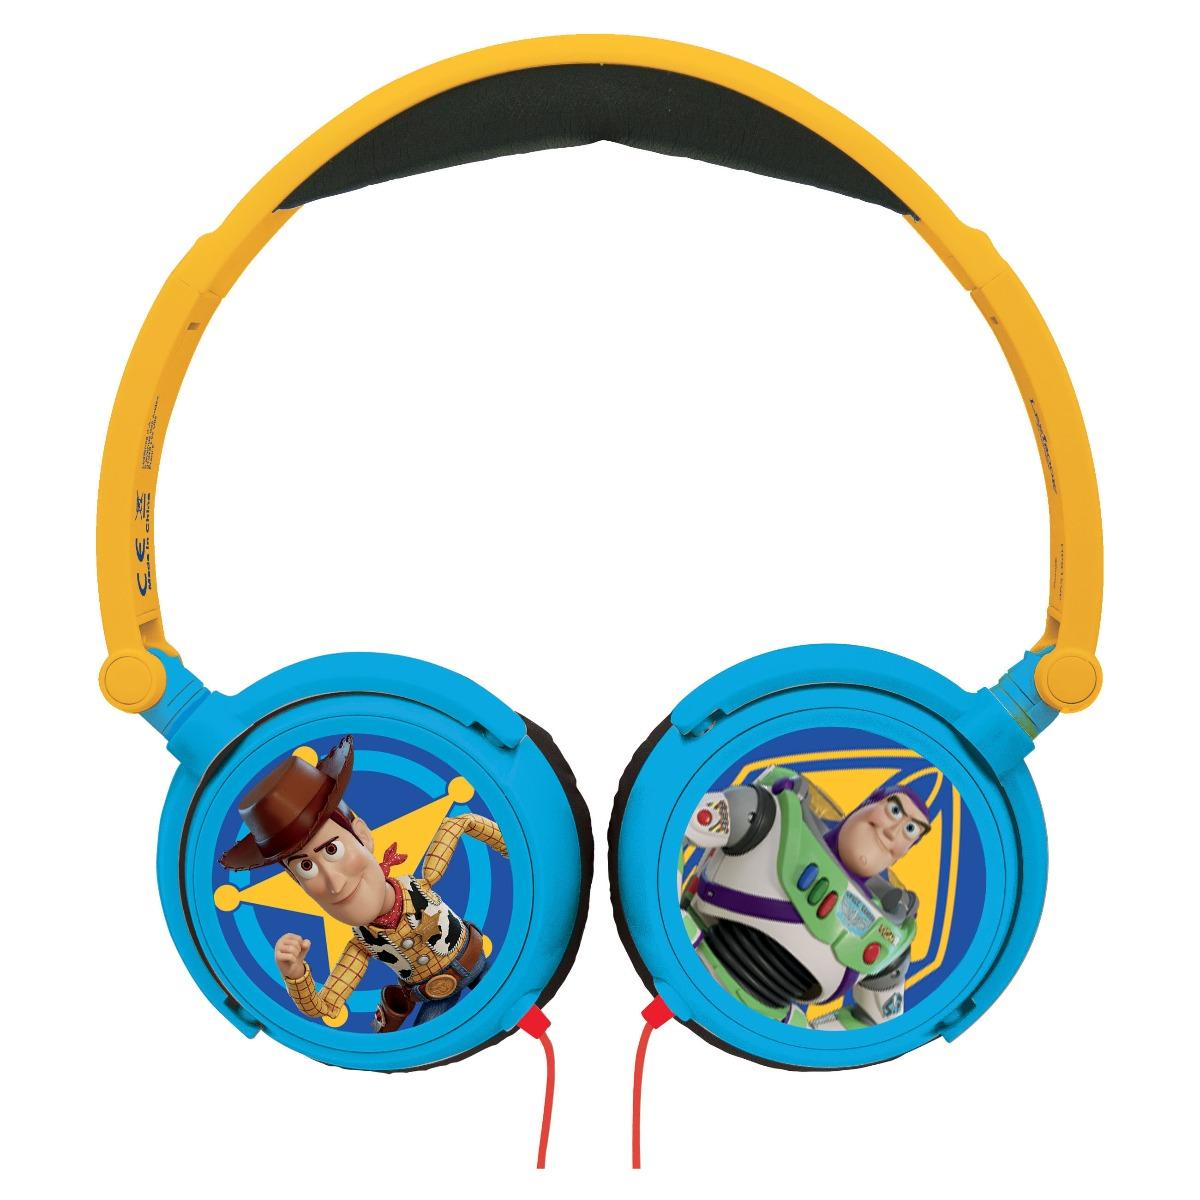 Casti audio cu fir pliabile, Toy Story 4